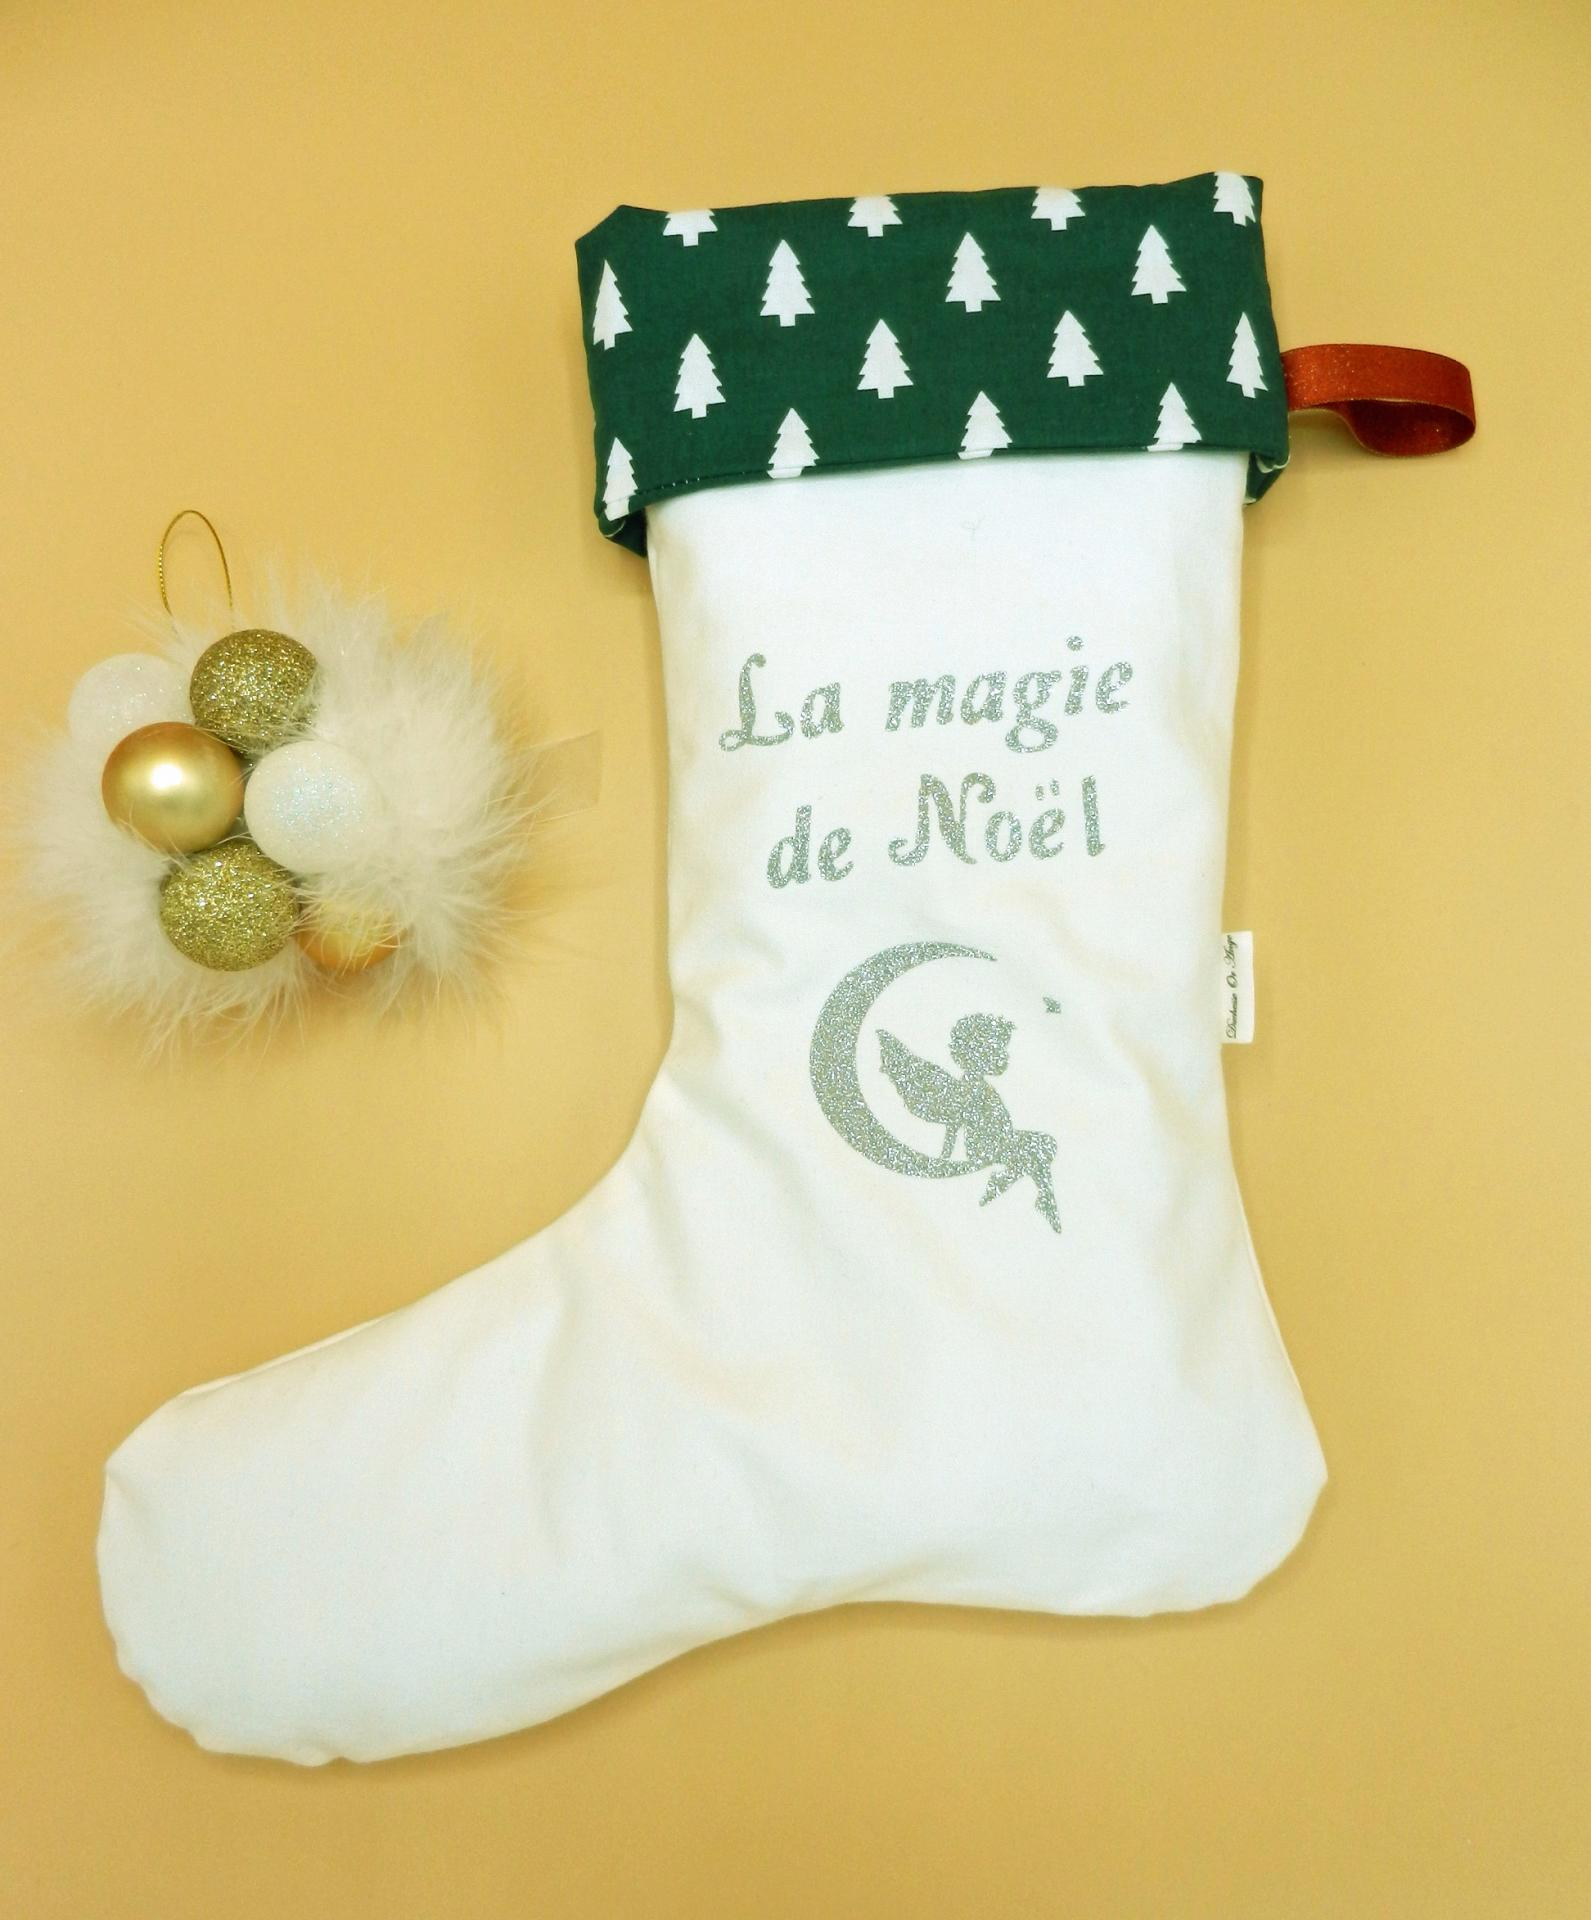 Duchesse or ange doaa 82 botte de noel blanche sapins verts prenom texte a